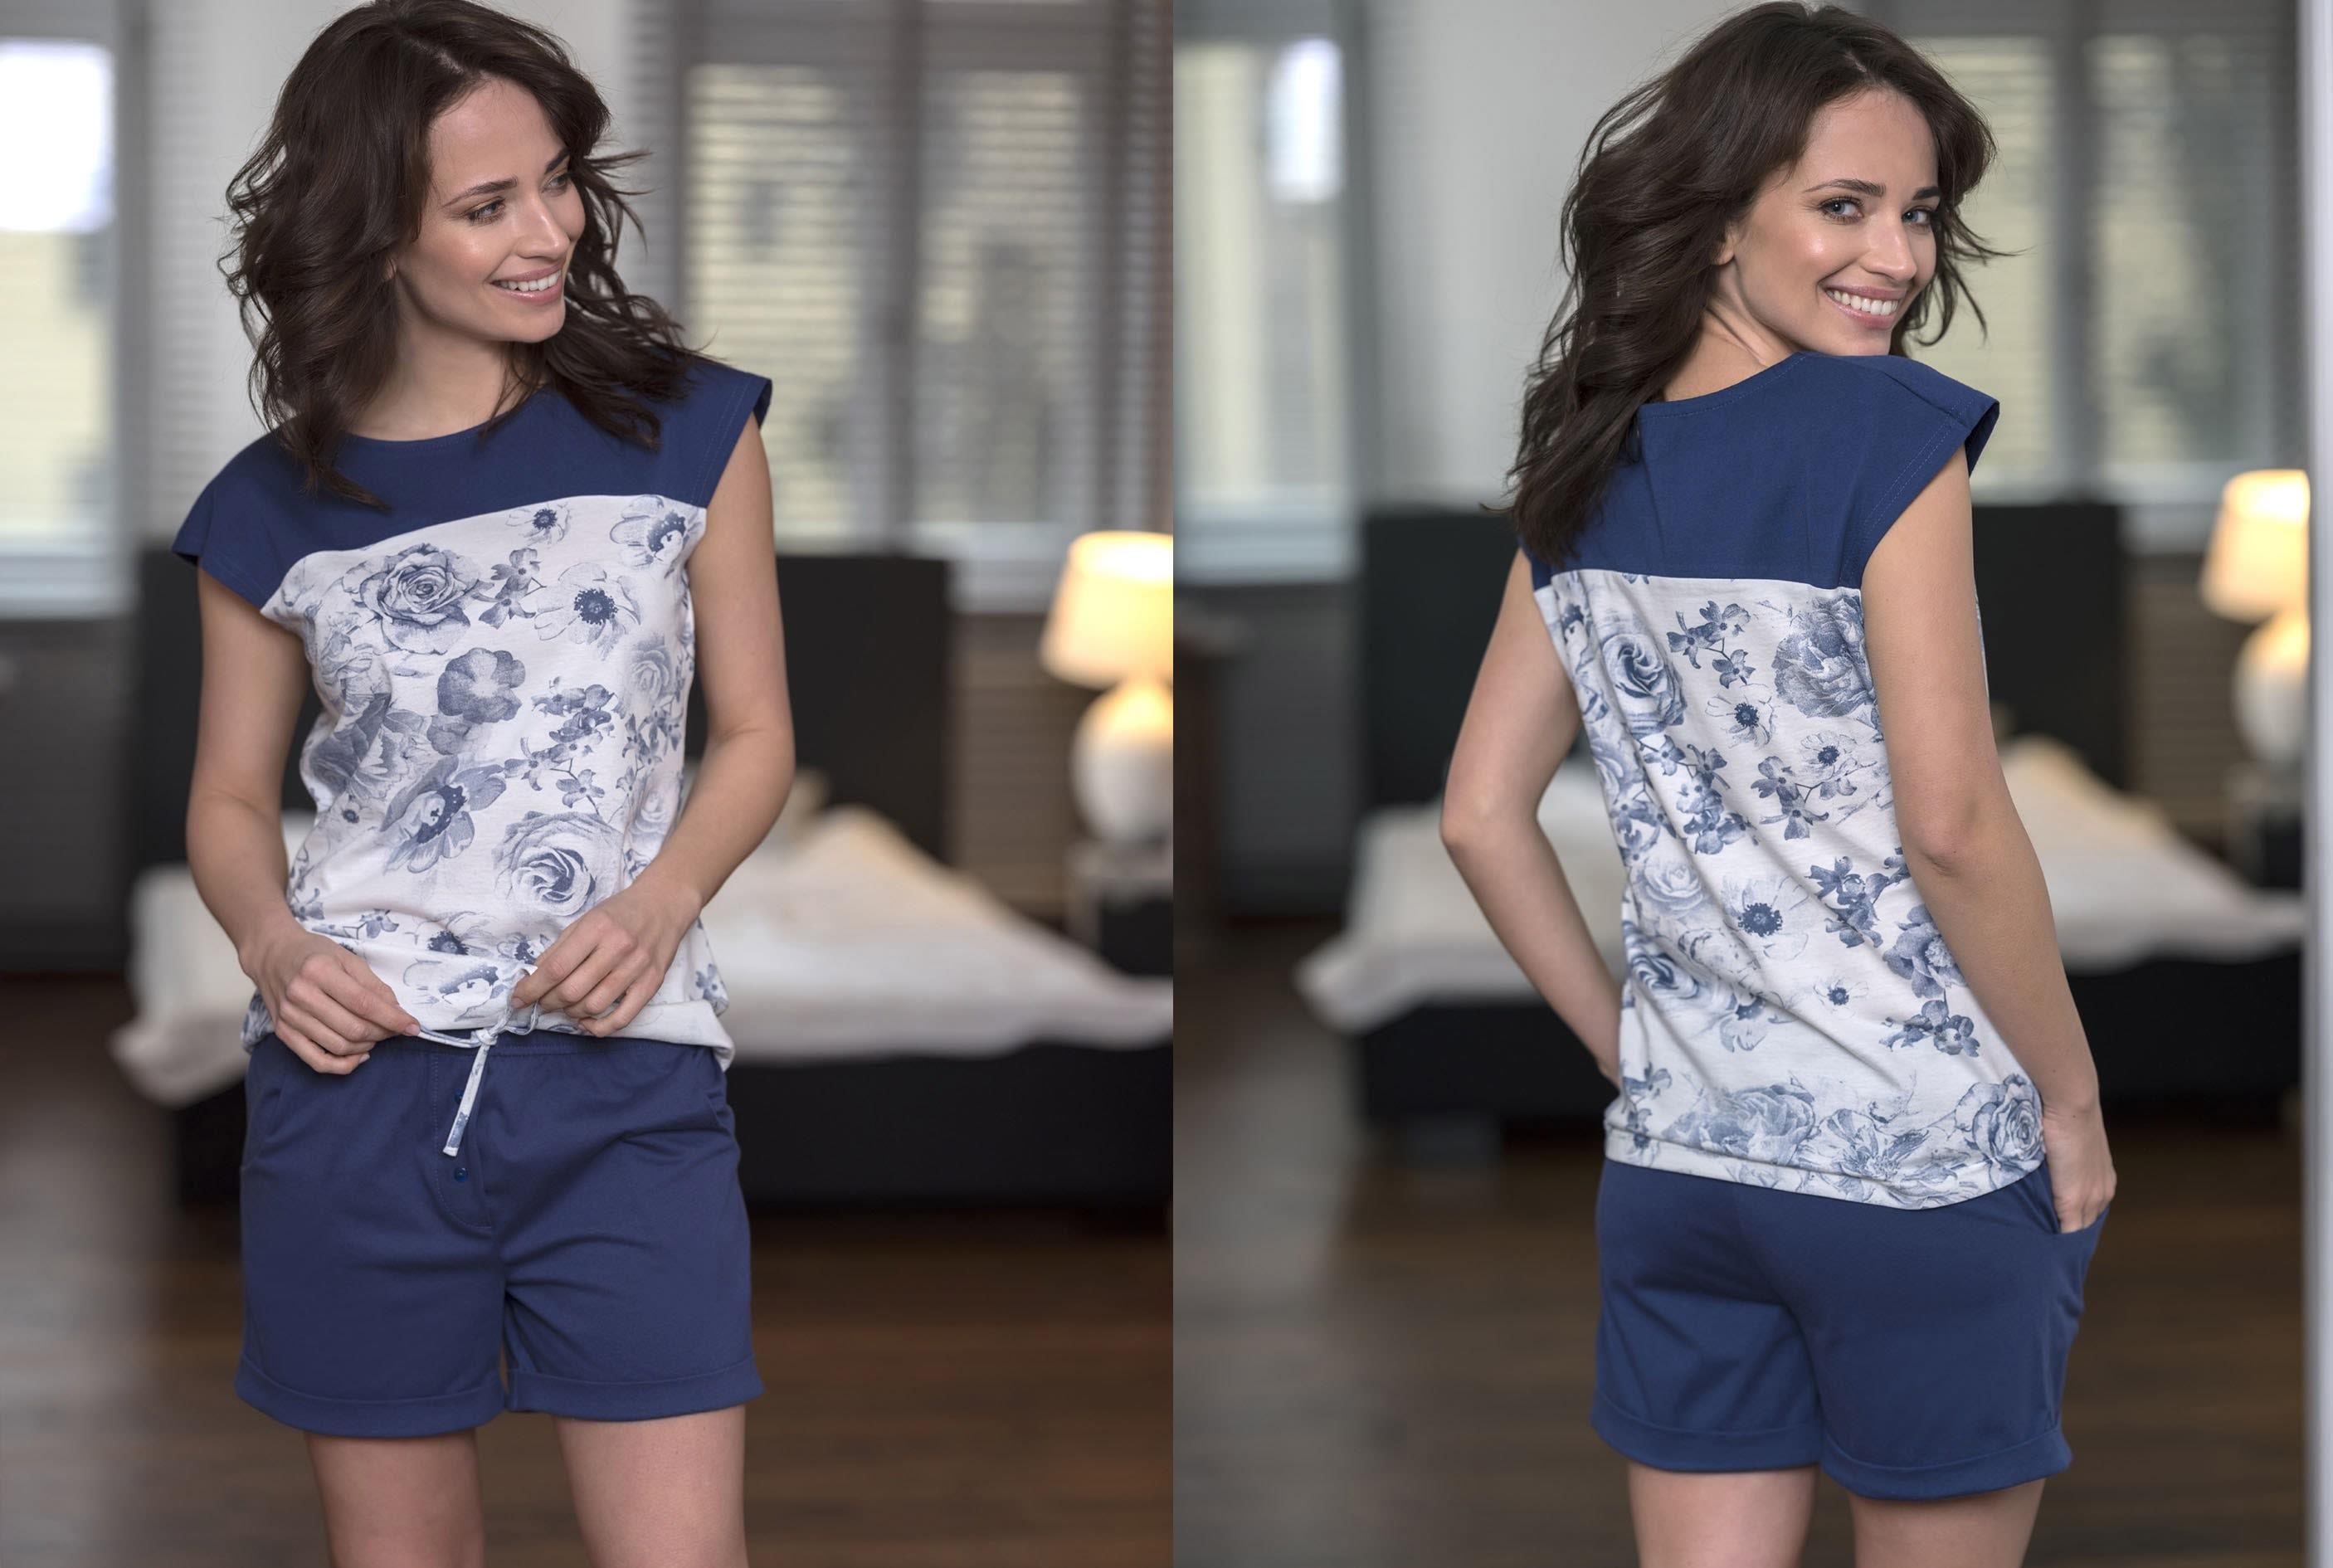 73884172b0b8 Dámske bavlnené pyžamo Cana 188. je z novej kolekcie jar-leto 2018. Skladá